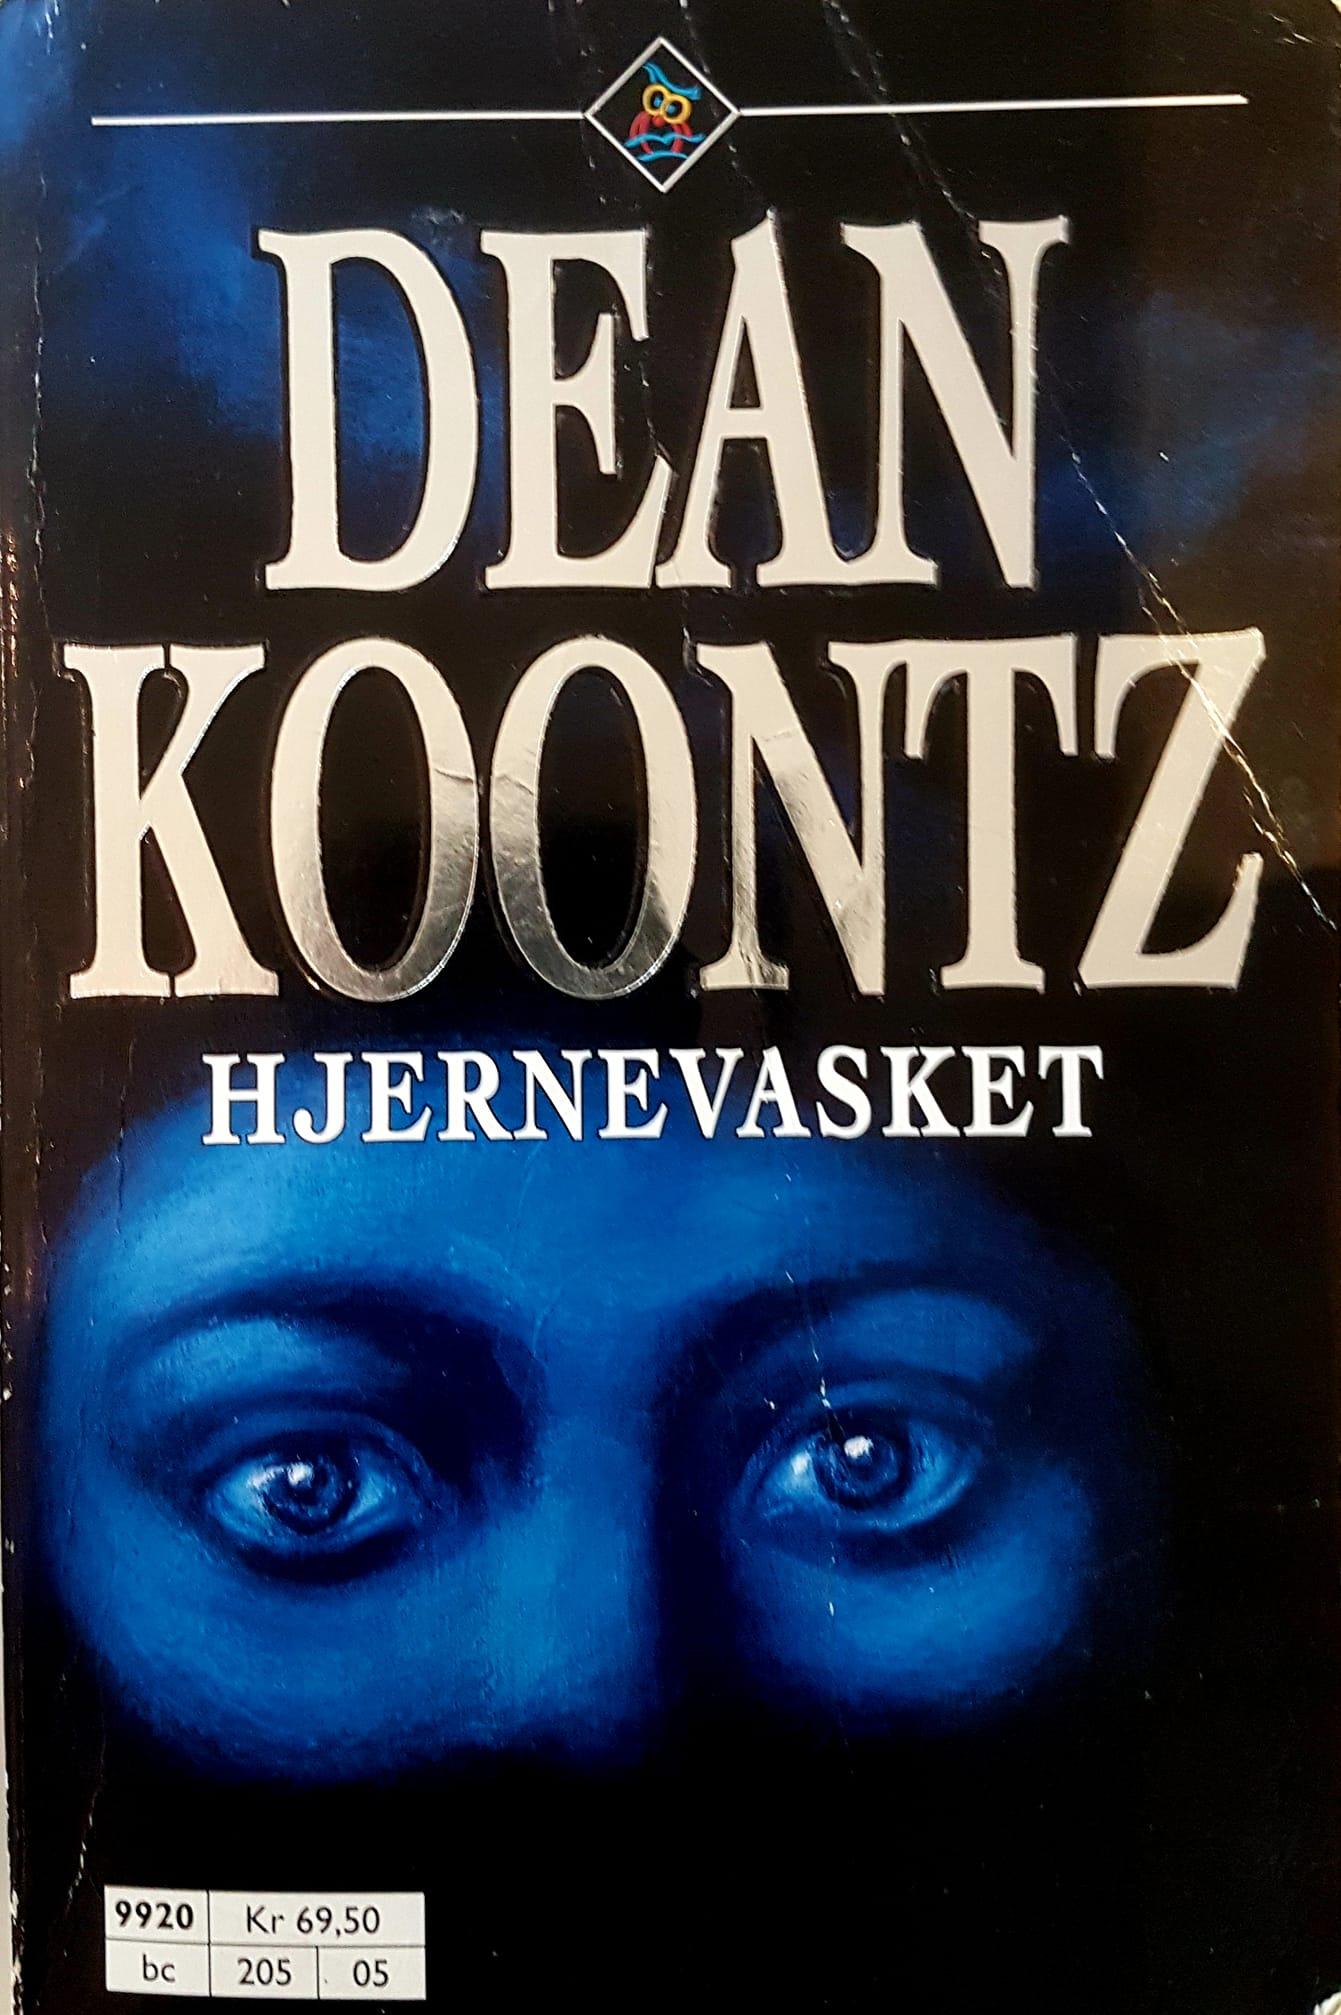 """""""Hjernevasket"""" av Dean R. Koontz"""